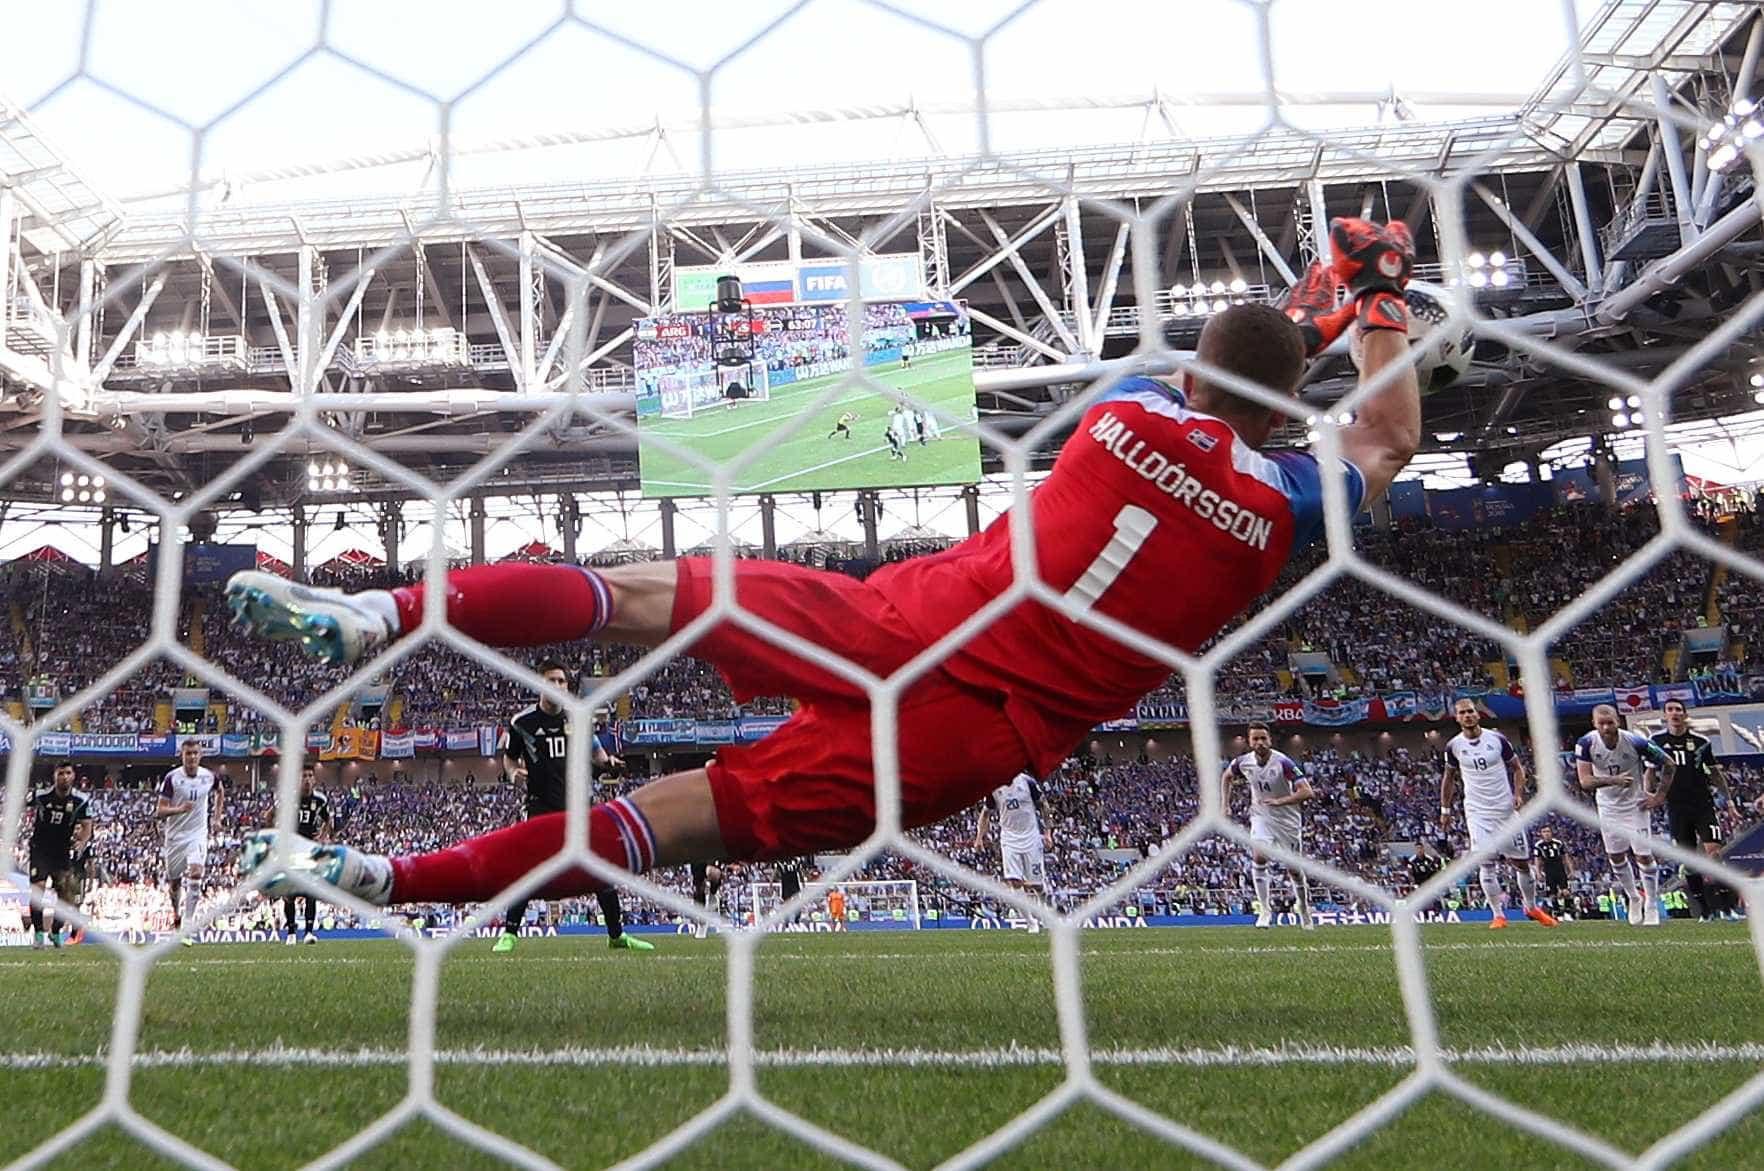 Herói da Islândia, goleiro diz ter estudado pênaltis de Messi por anos